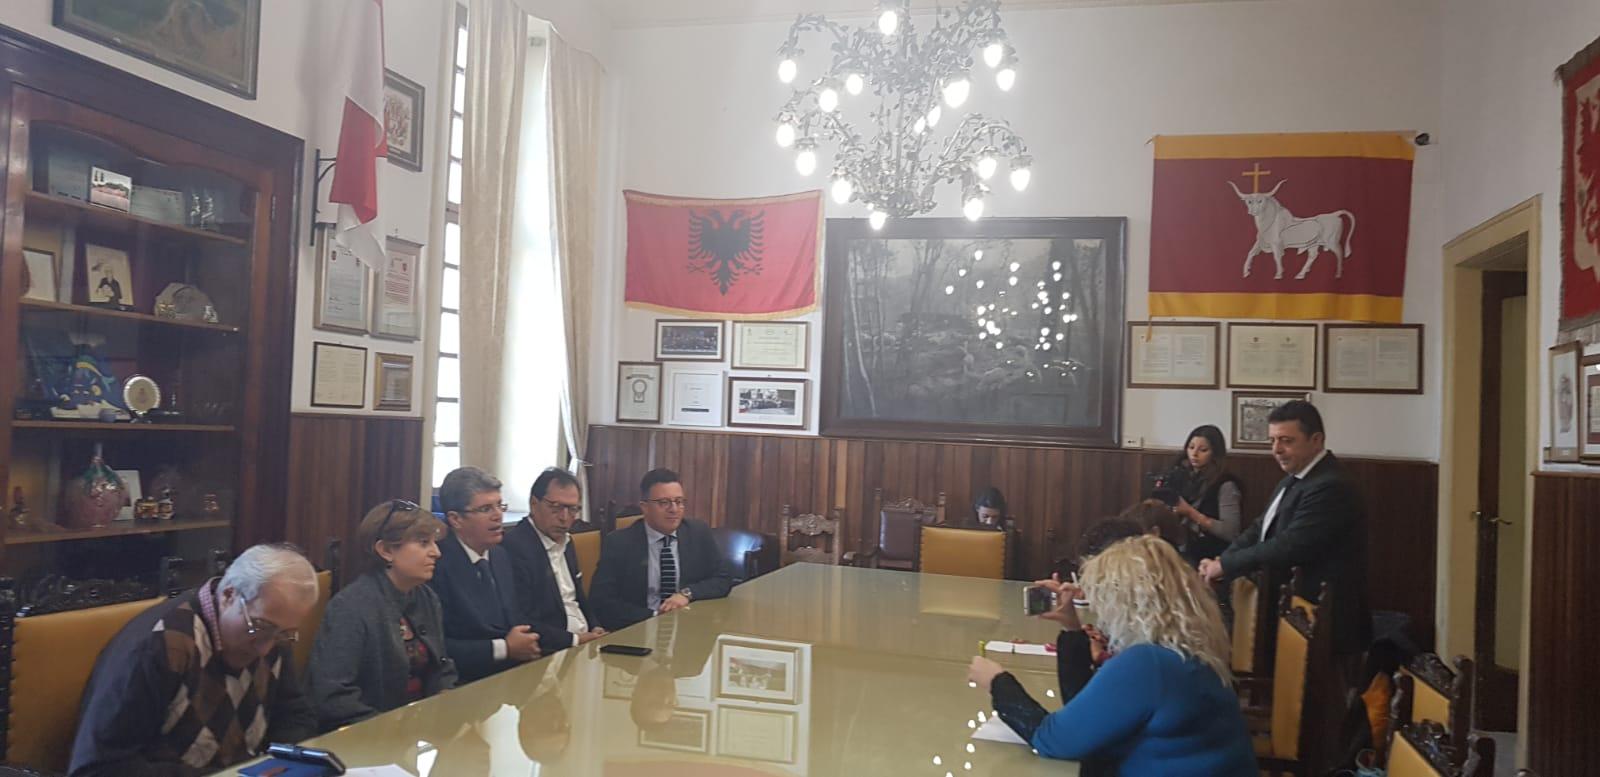 Conferenza stampa osservatorio-farmacie